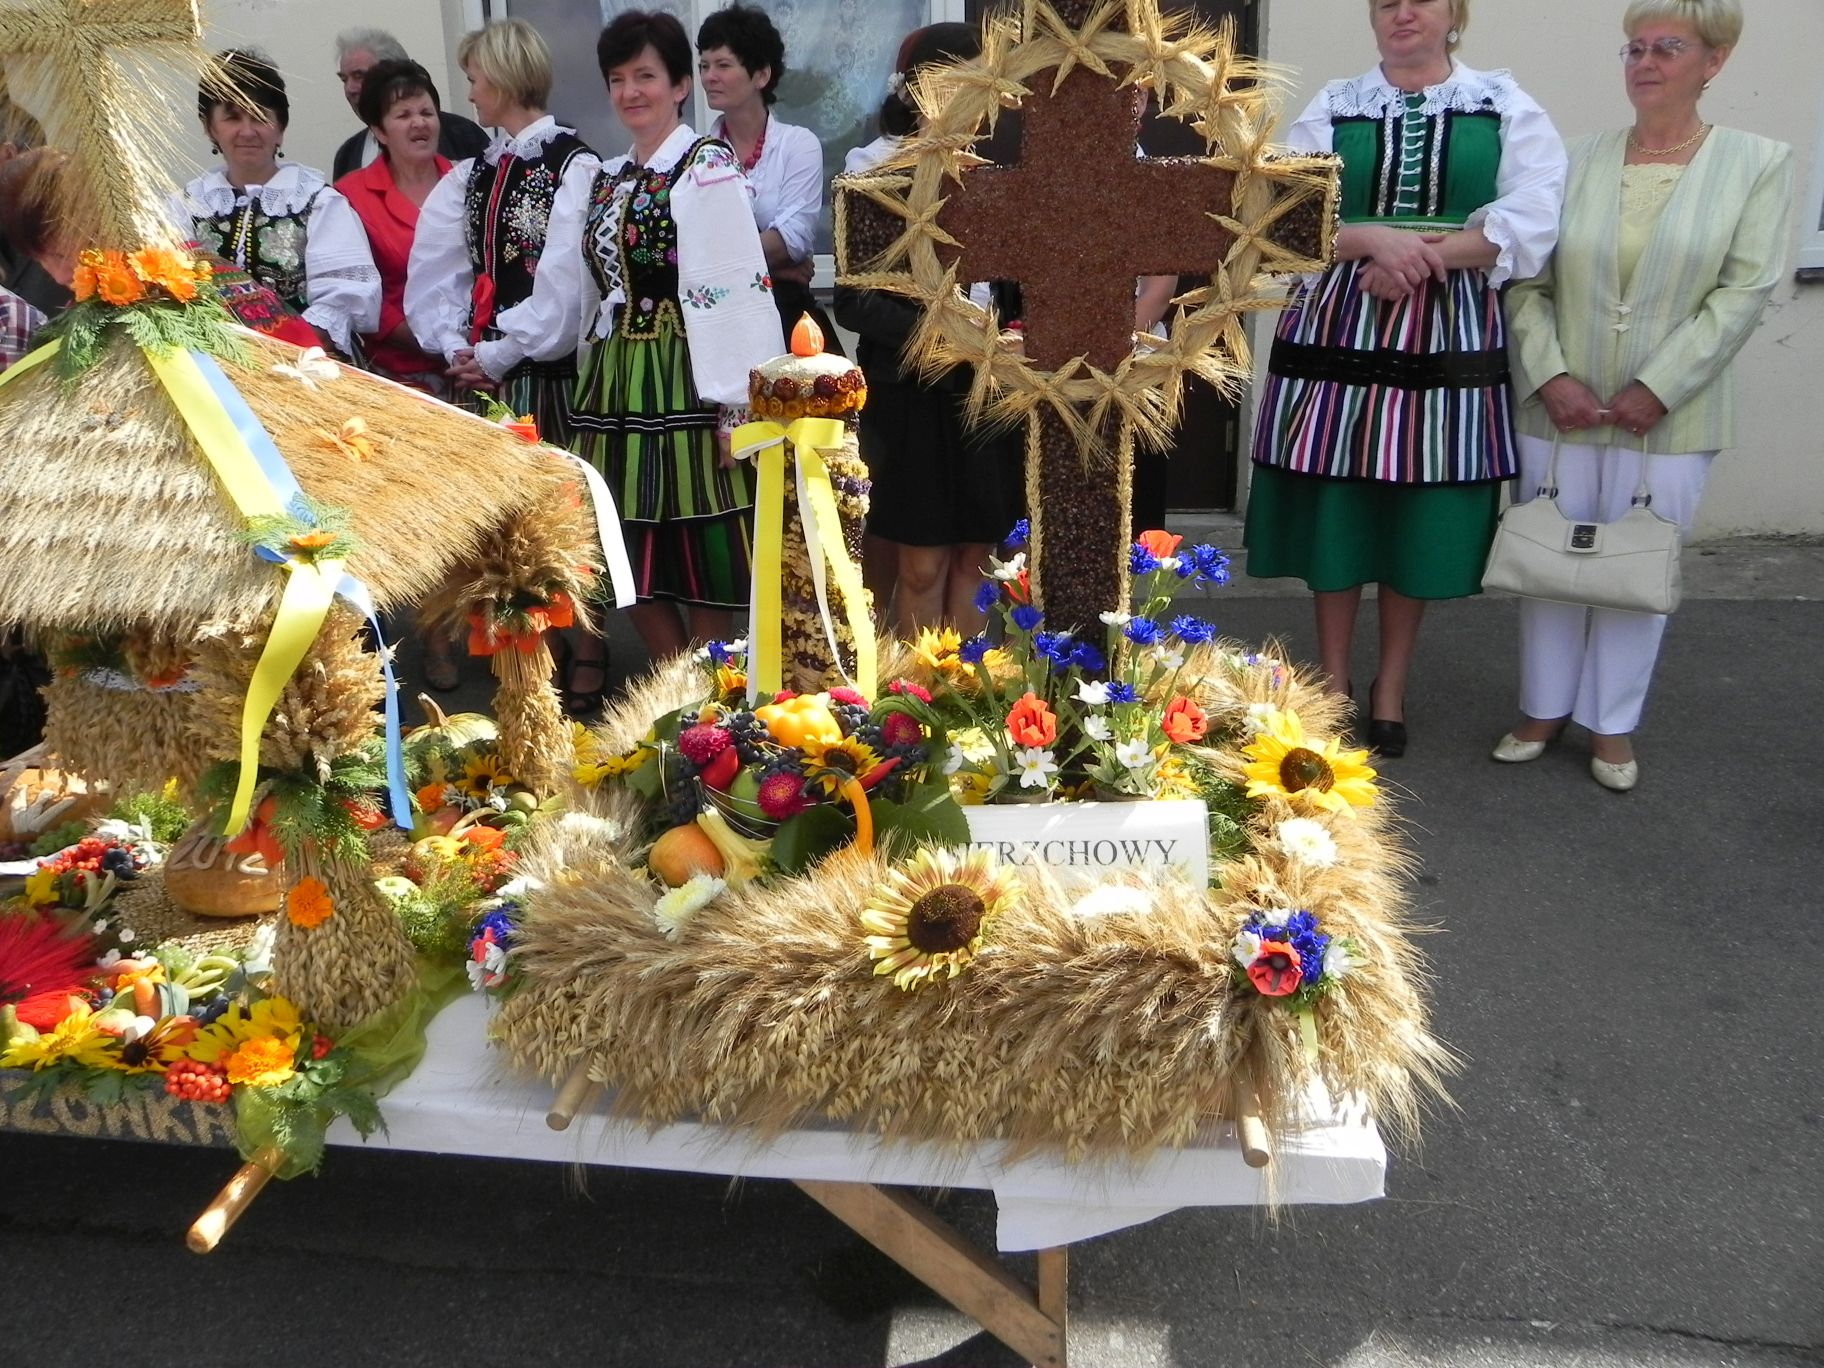 2012-09-09 Sierzchowy - dożynki (9)